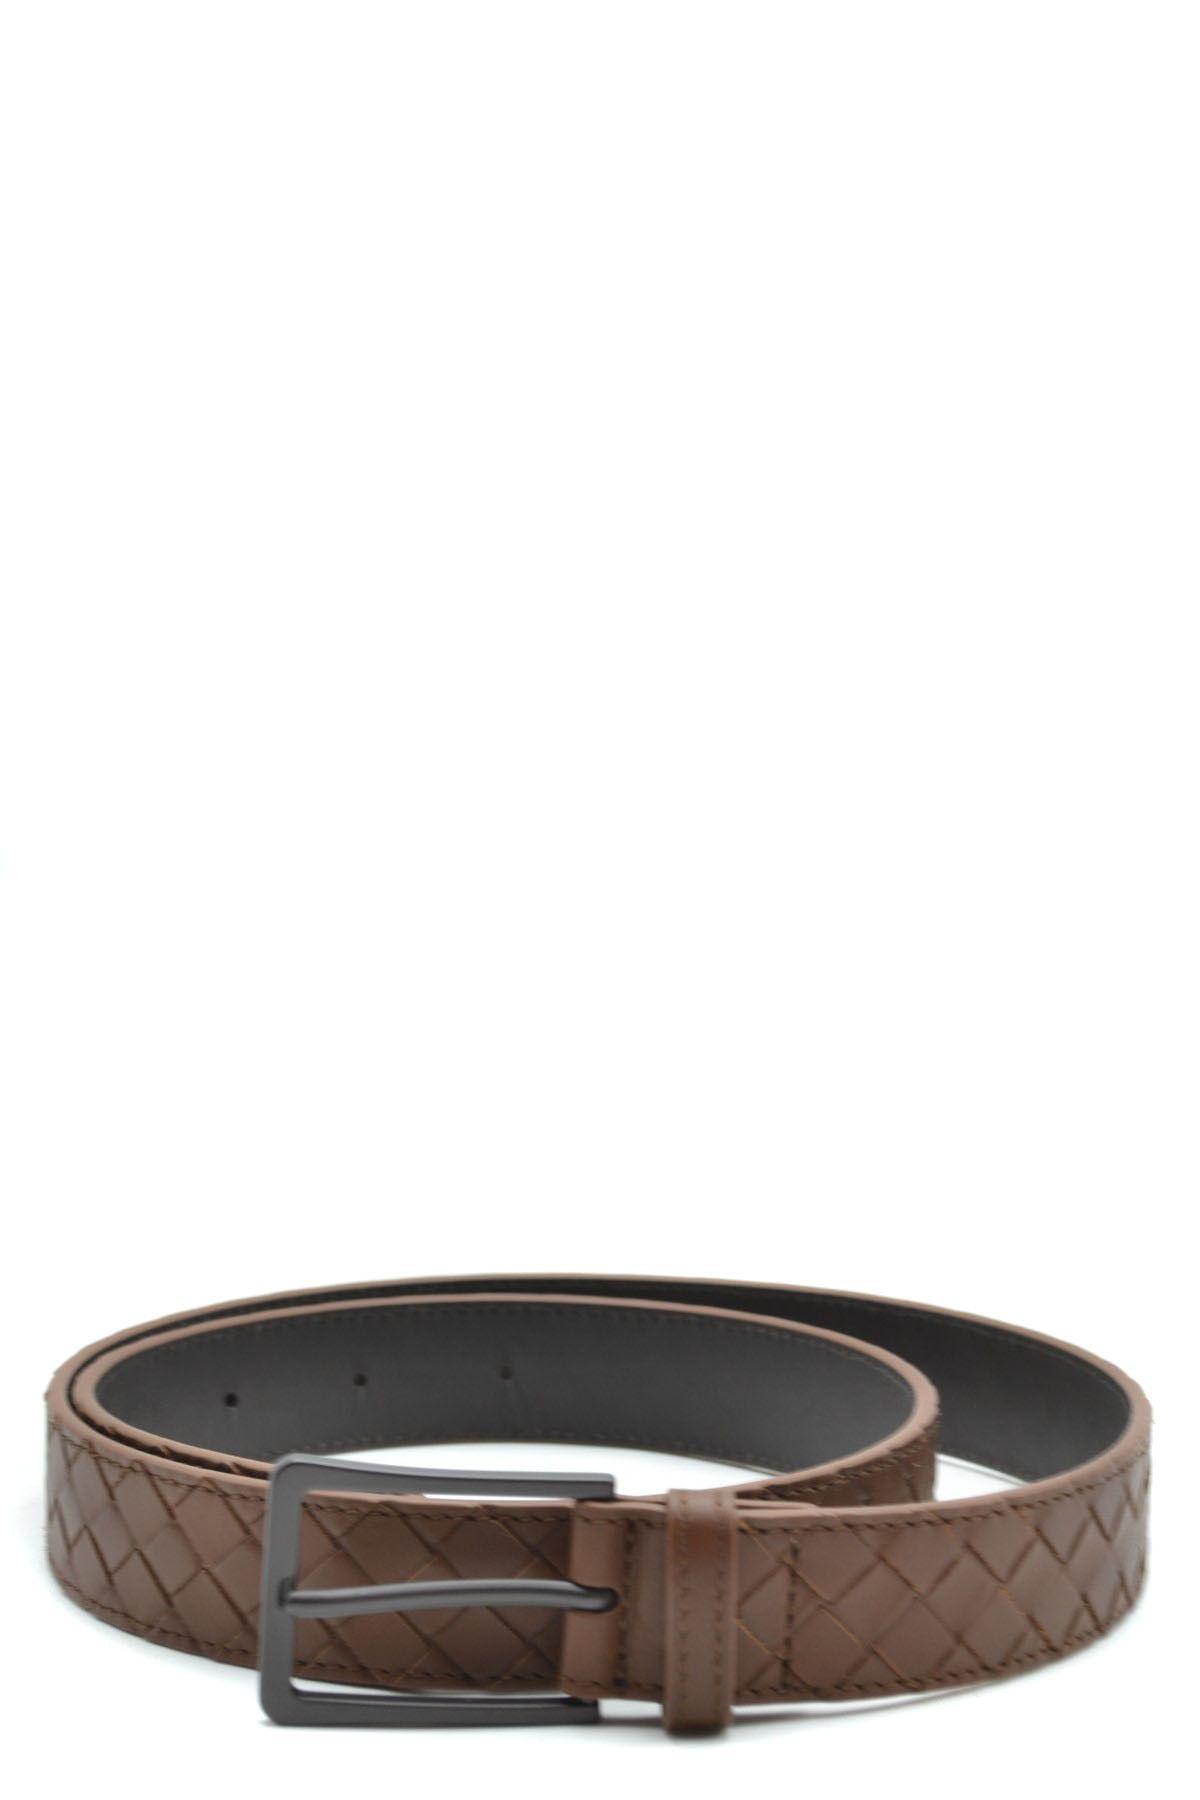 Bottega Veneta Women's Belt In Brown